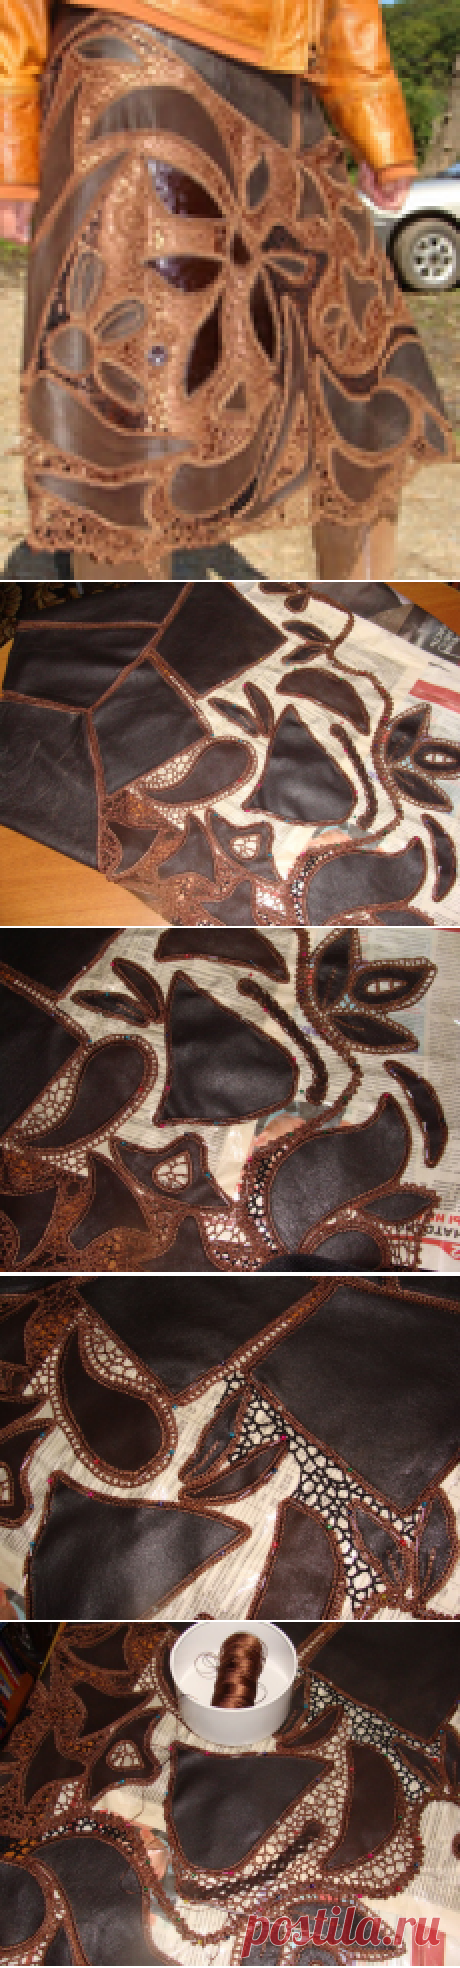 Чудесная юбка (кожа + вязание) от Натальи Жиленковой